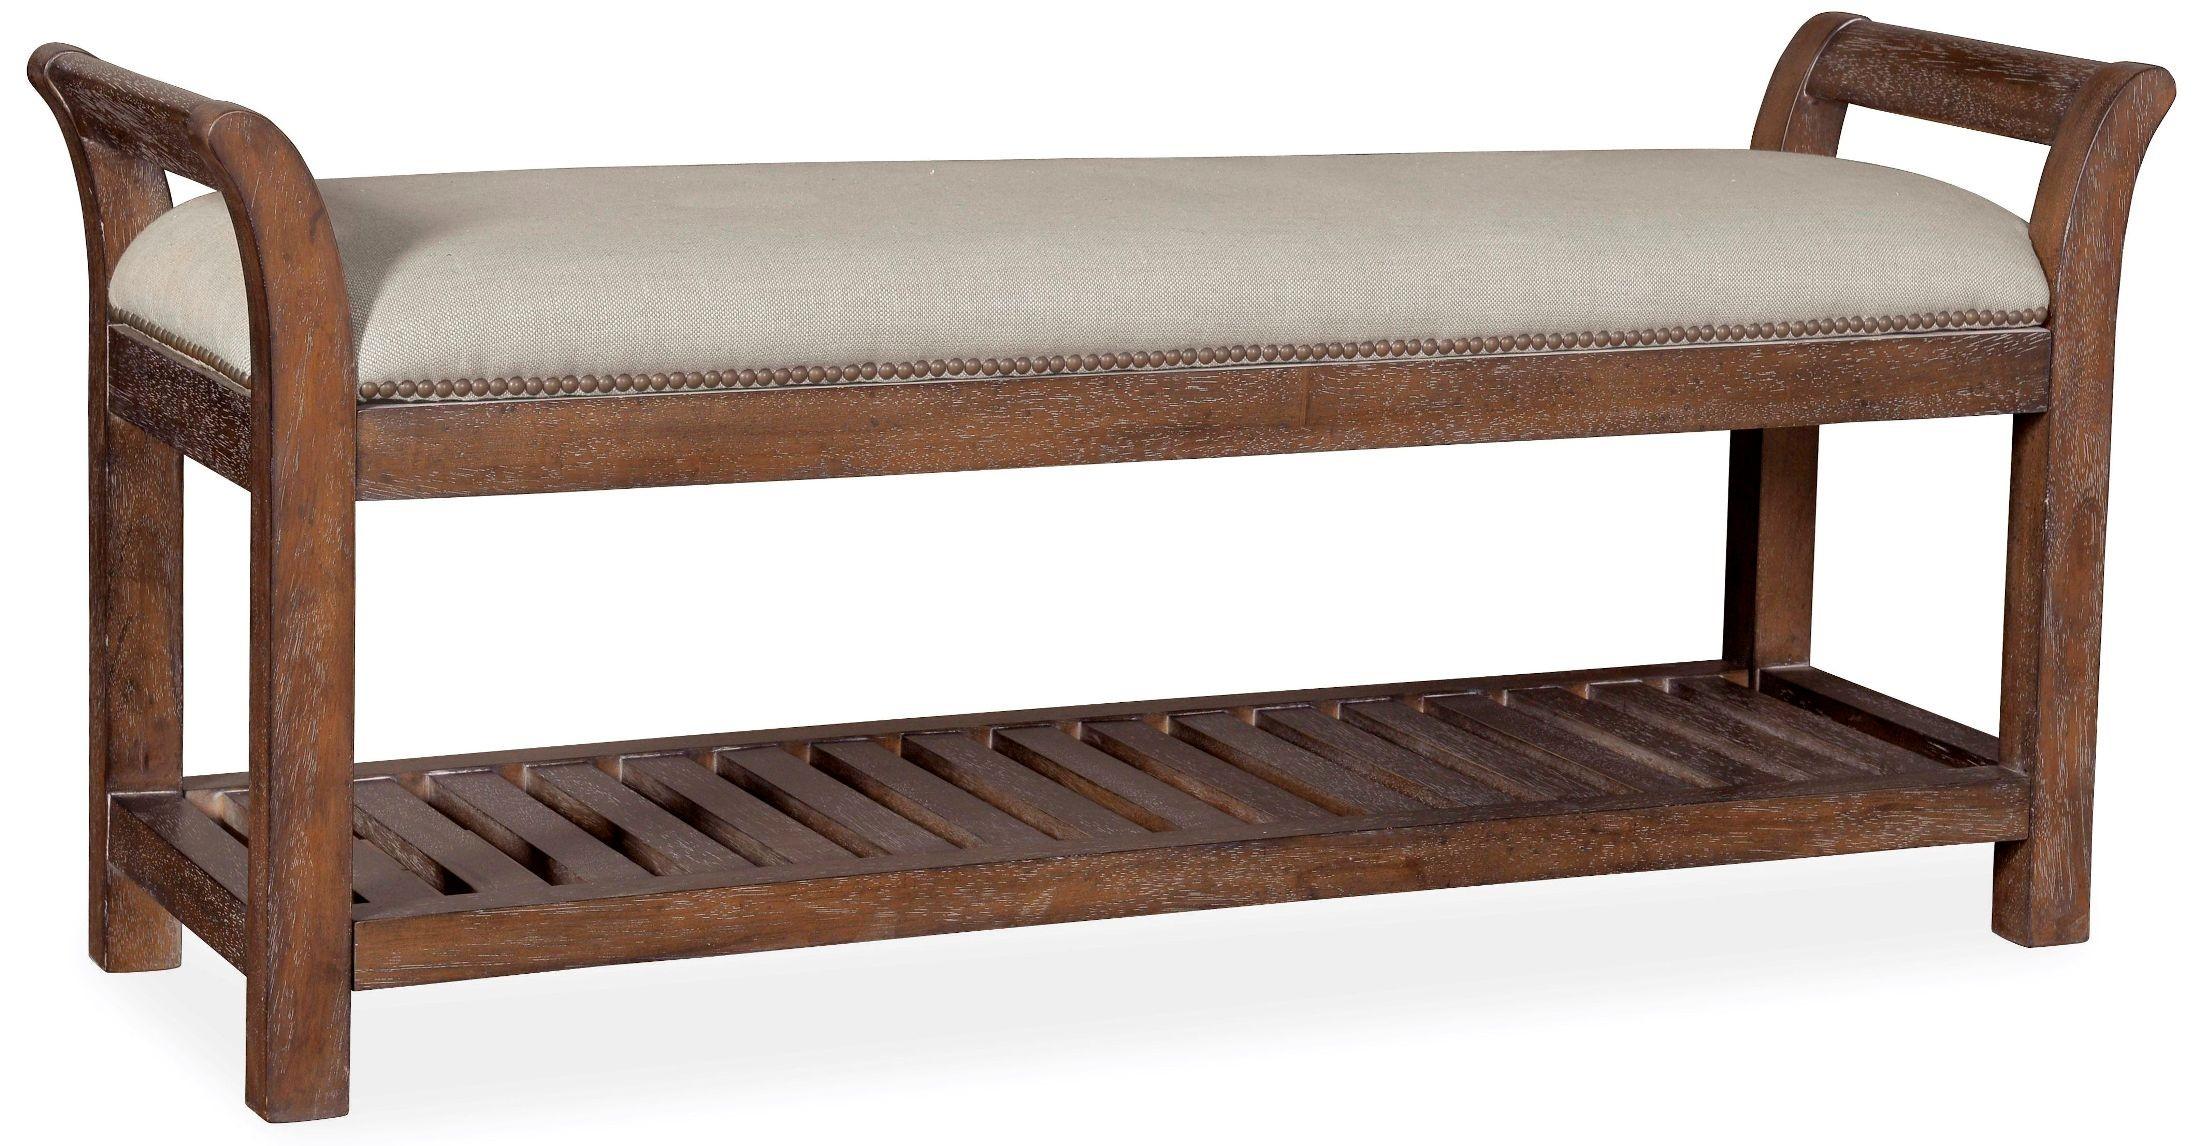 st germain upholstered sleigh bedroom set from art st germain upholstered sleigh bedroom set from art